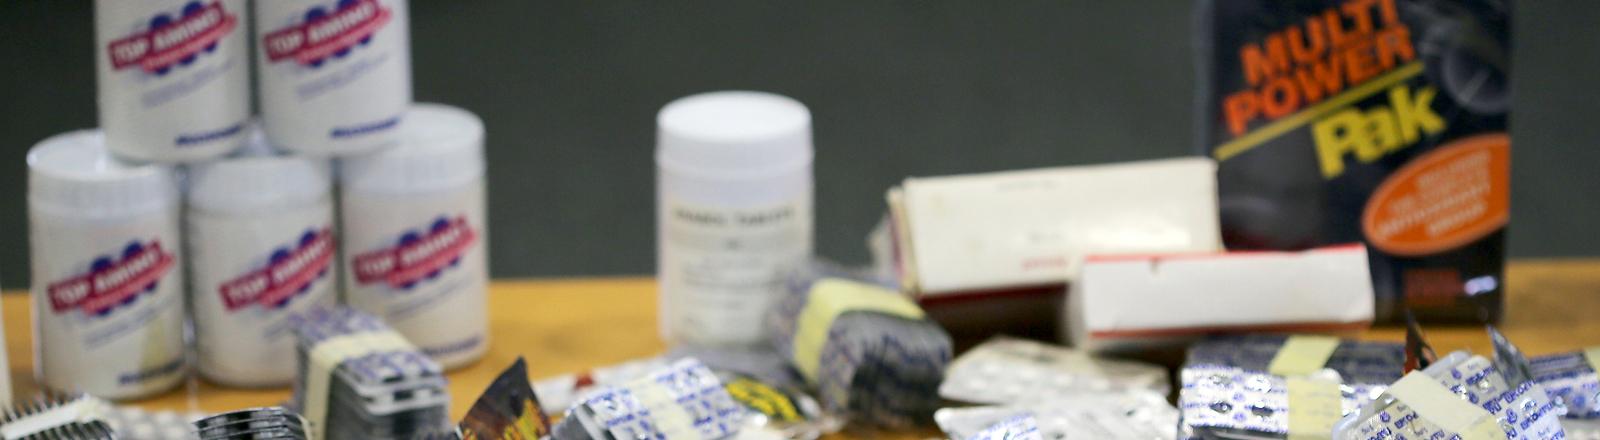 Gefälschte Medikamente und Nahrungsergänzungsmittel liegen am 15.10.2013 in Köln (Nordrhein-Westfalen) im Zollkriminalamt auf dem Tisch.